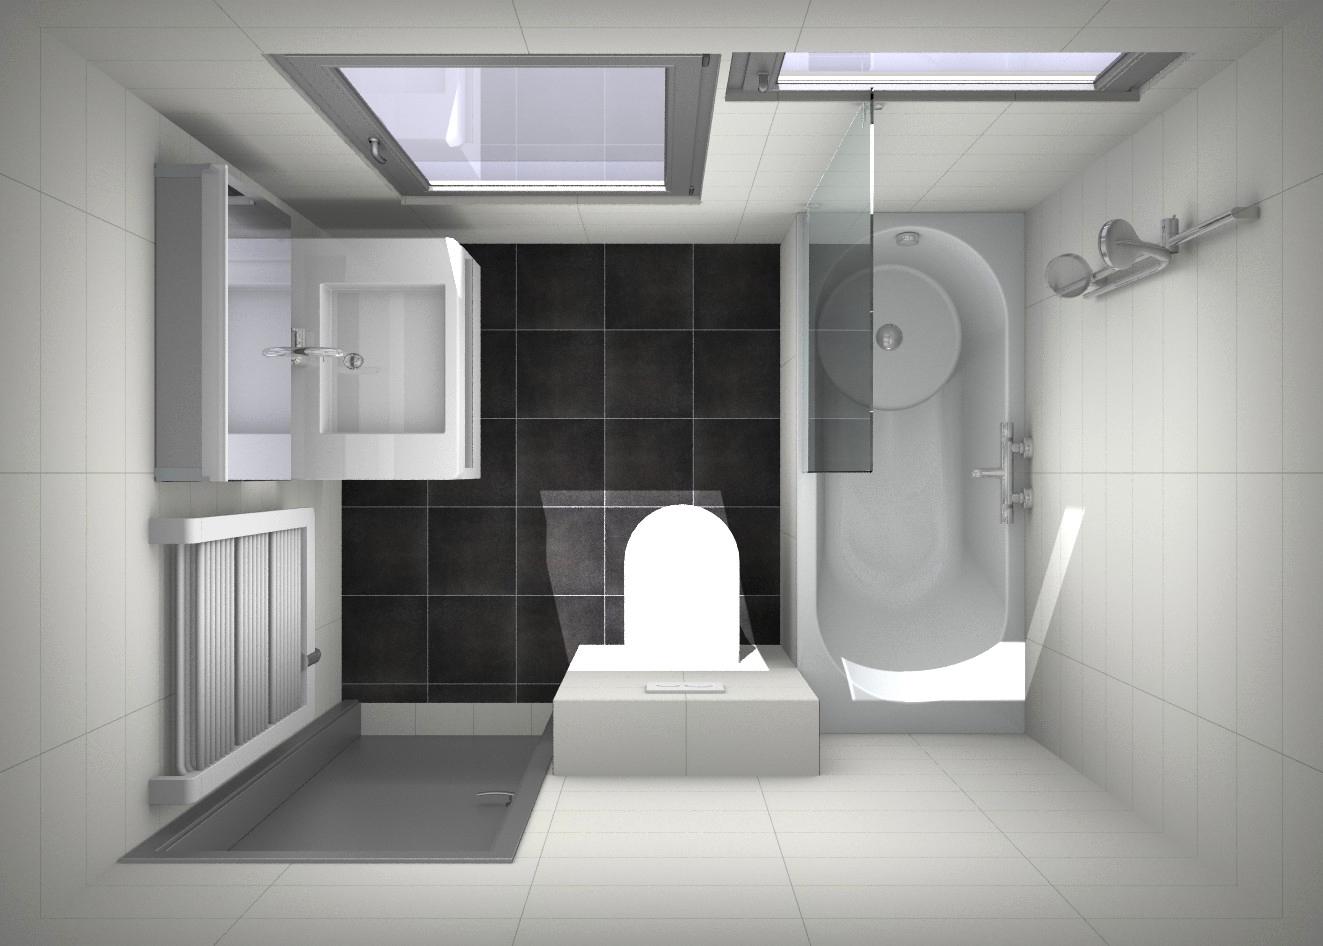 Kleine Badkamer Oplossing : Een paar slimme ontwerpen voor de kleine badkamer